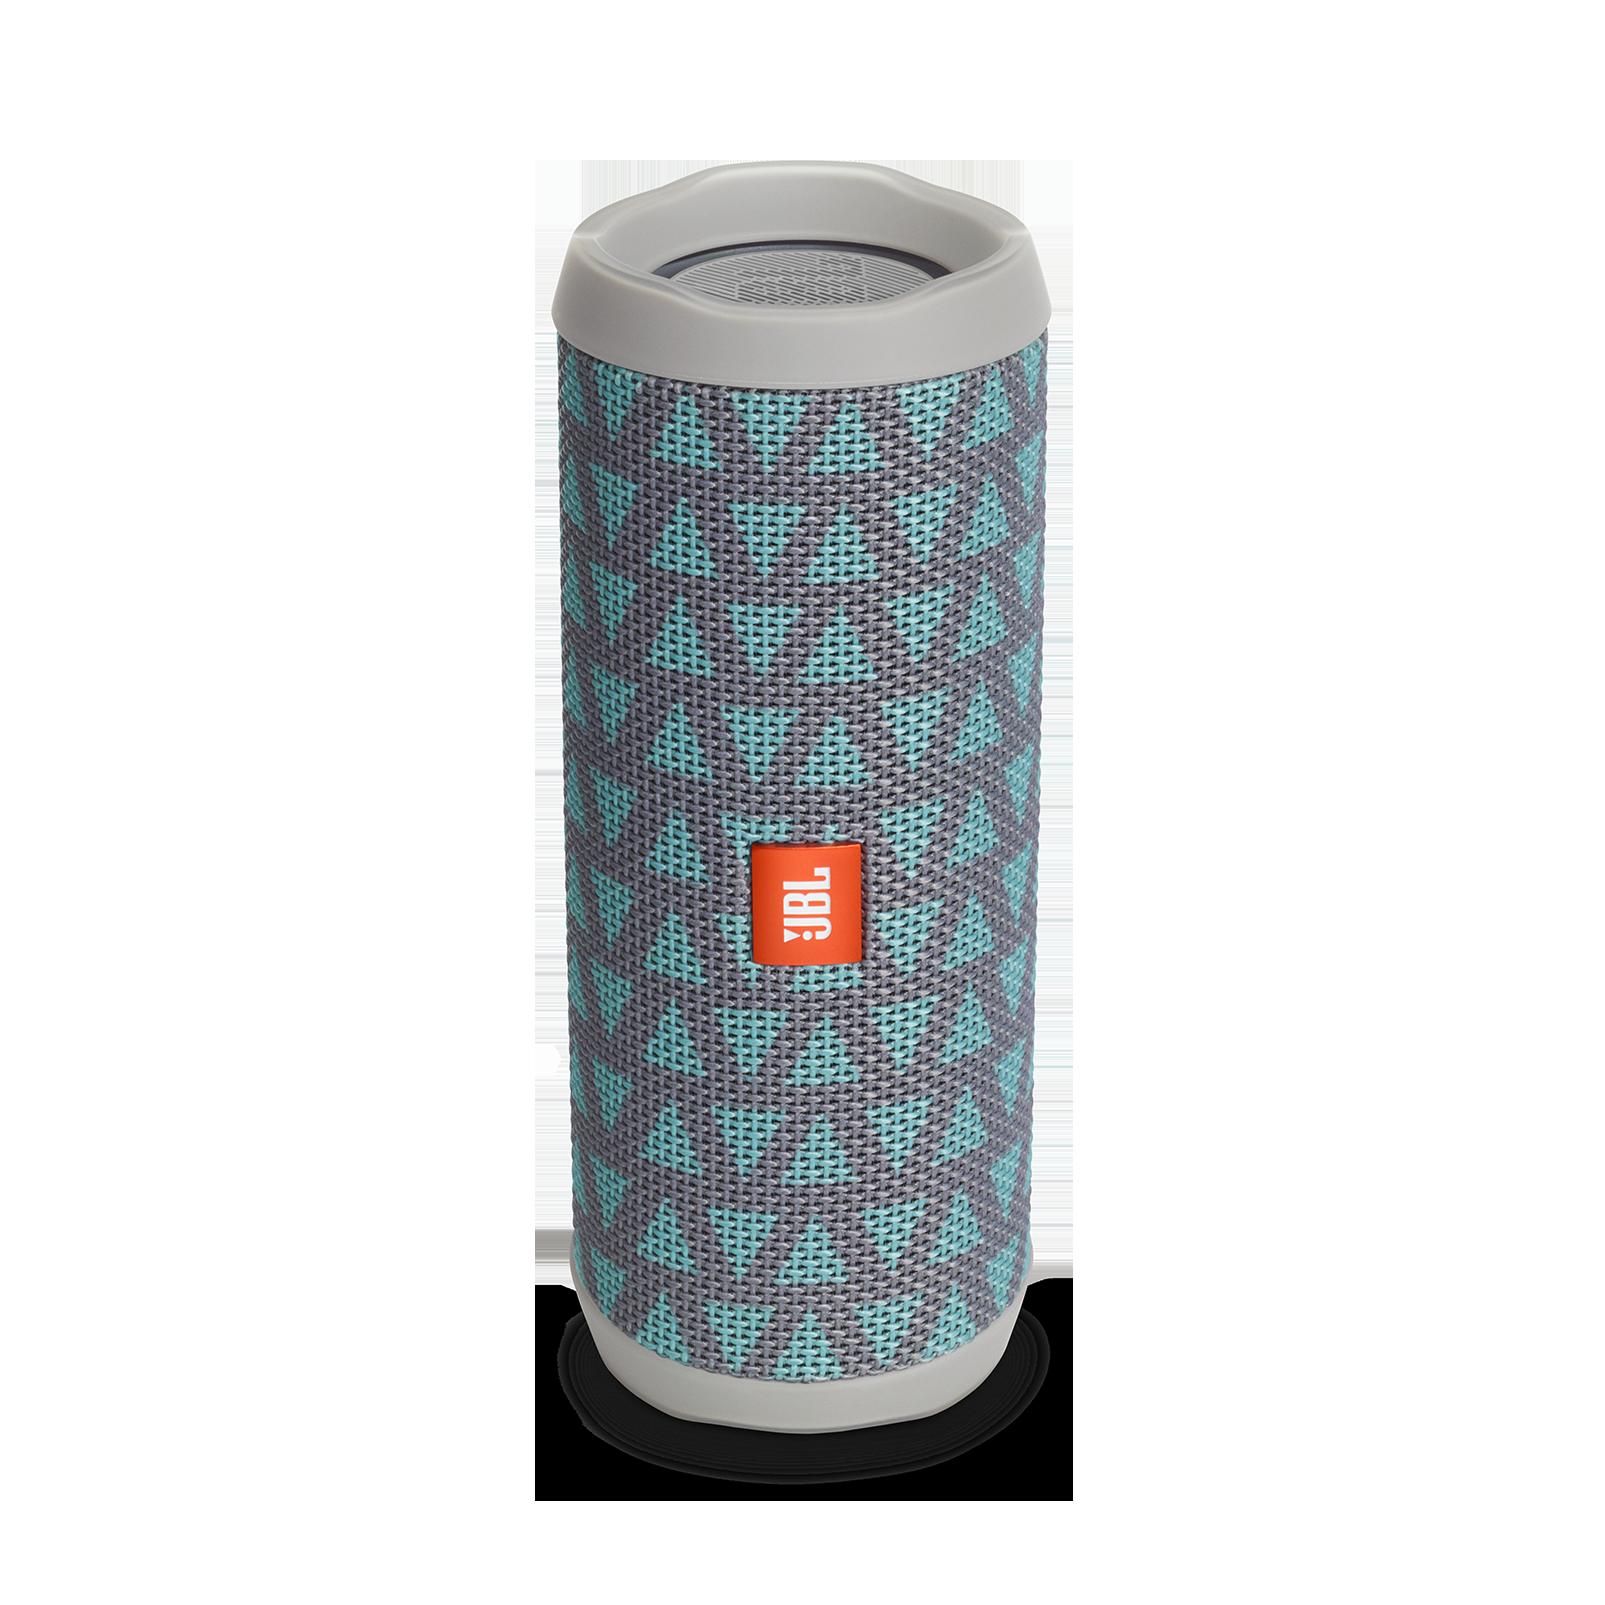 JBL Flip 4 Waterproof Portable Bluetooth Speaker - Trio (FLIP4-TRIO)